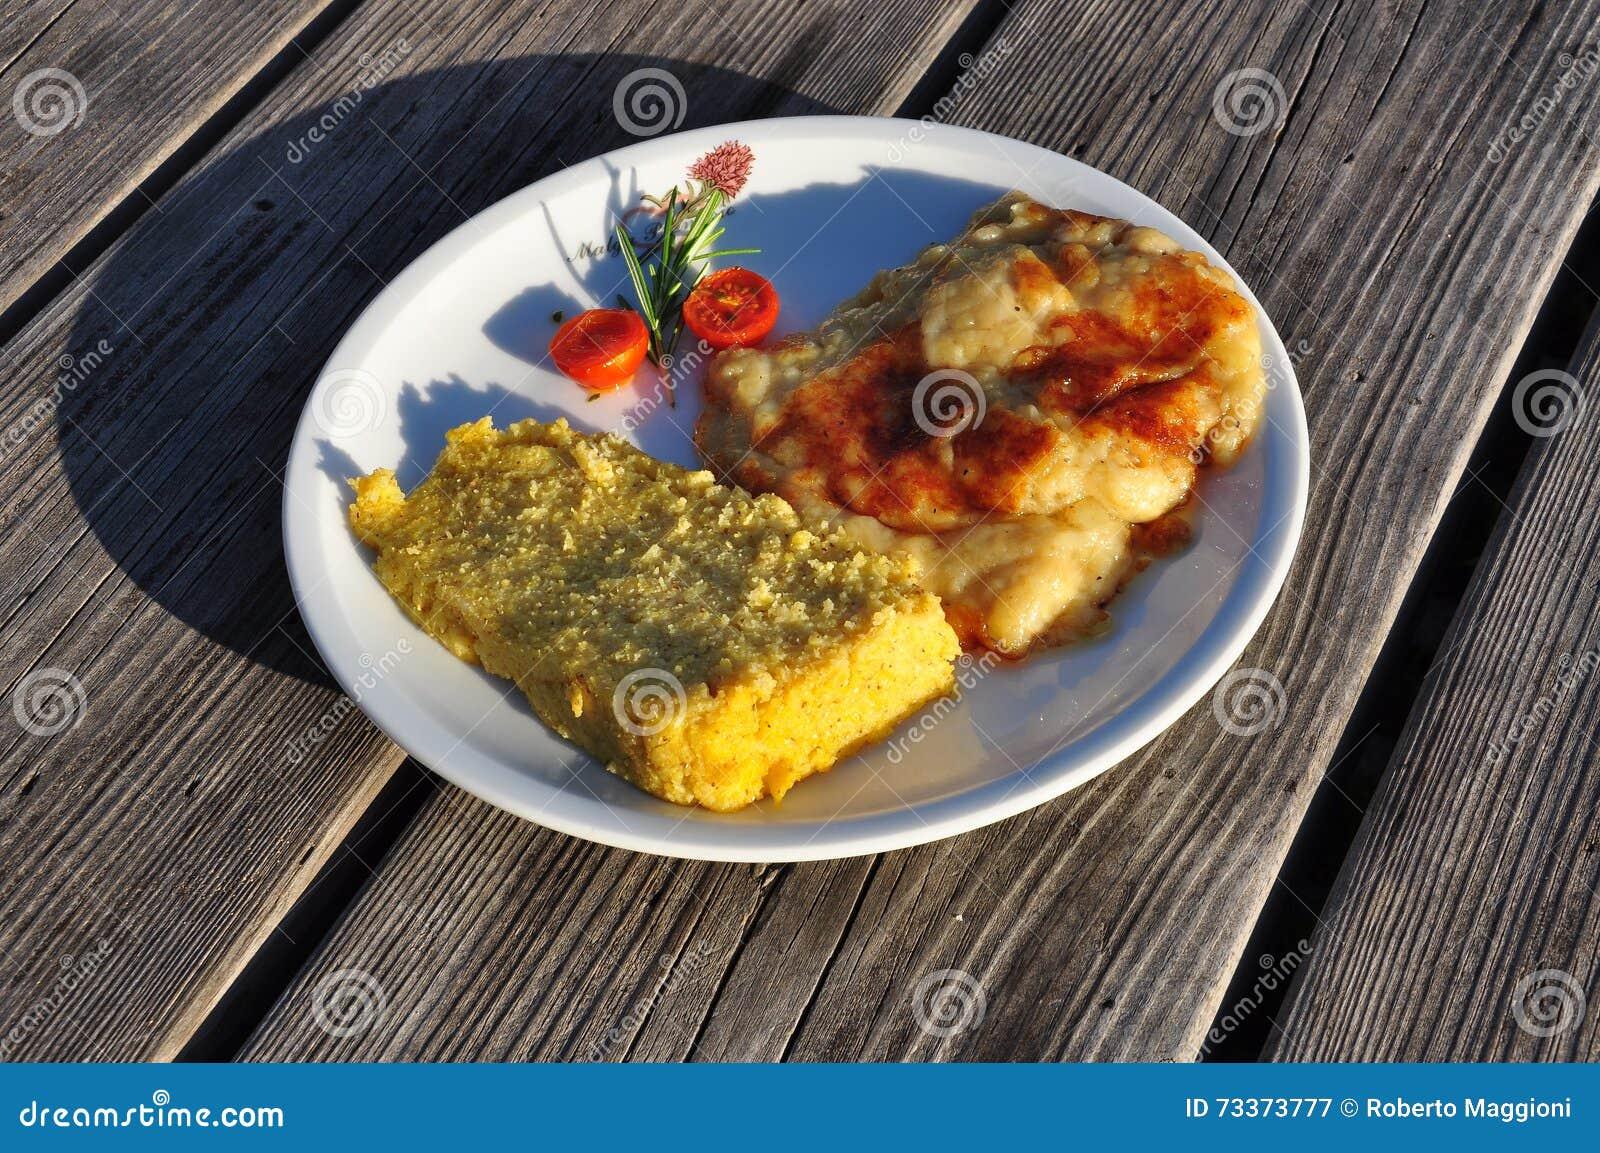 Donato de santis corso di cucina regionale italiana